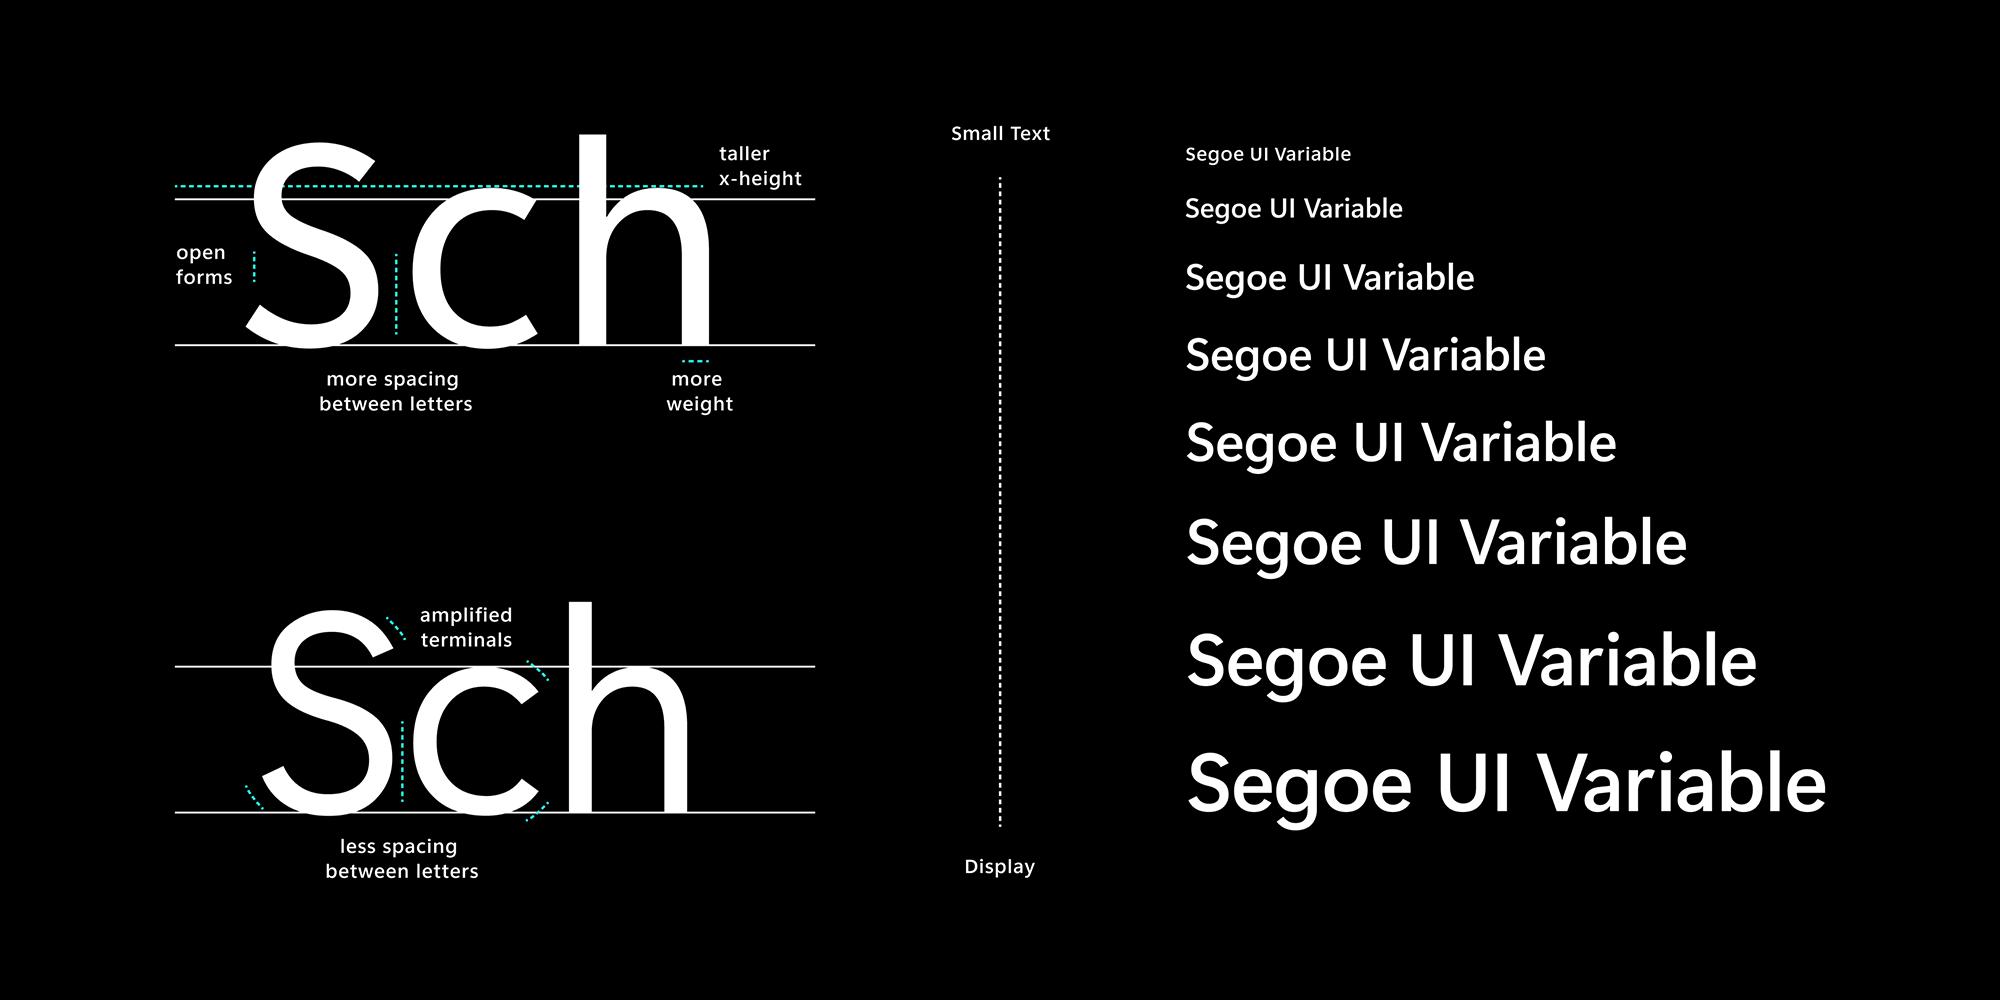 La nueva interfaz de usuario de variables de Segoe en Windows 10